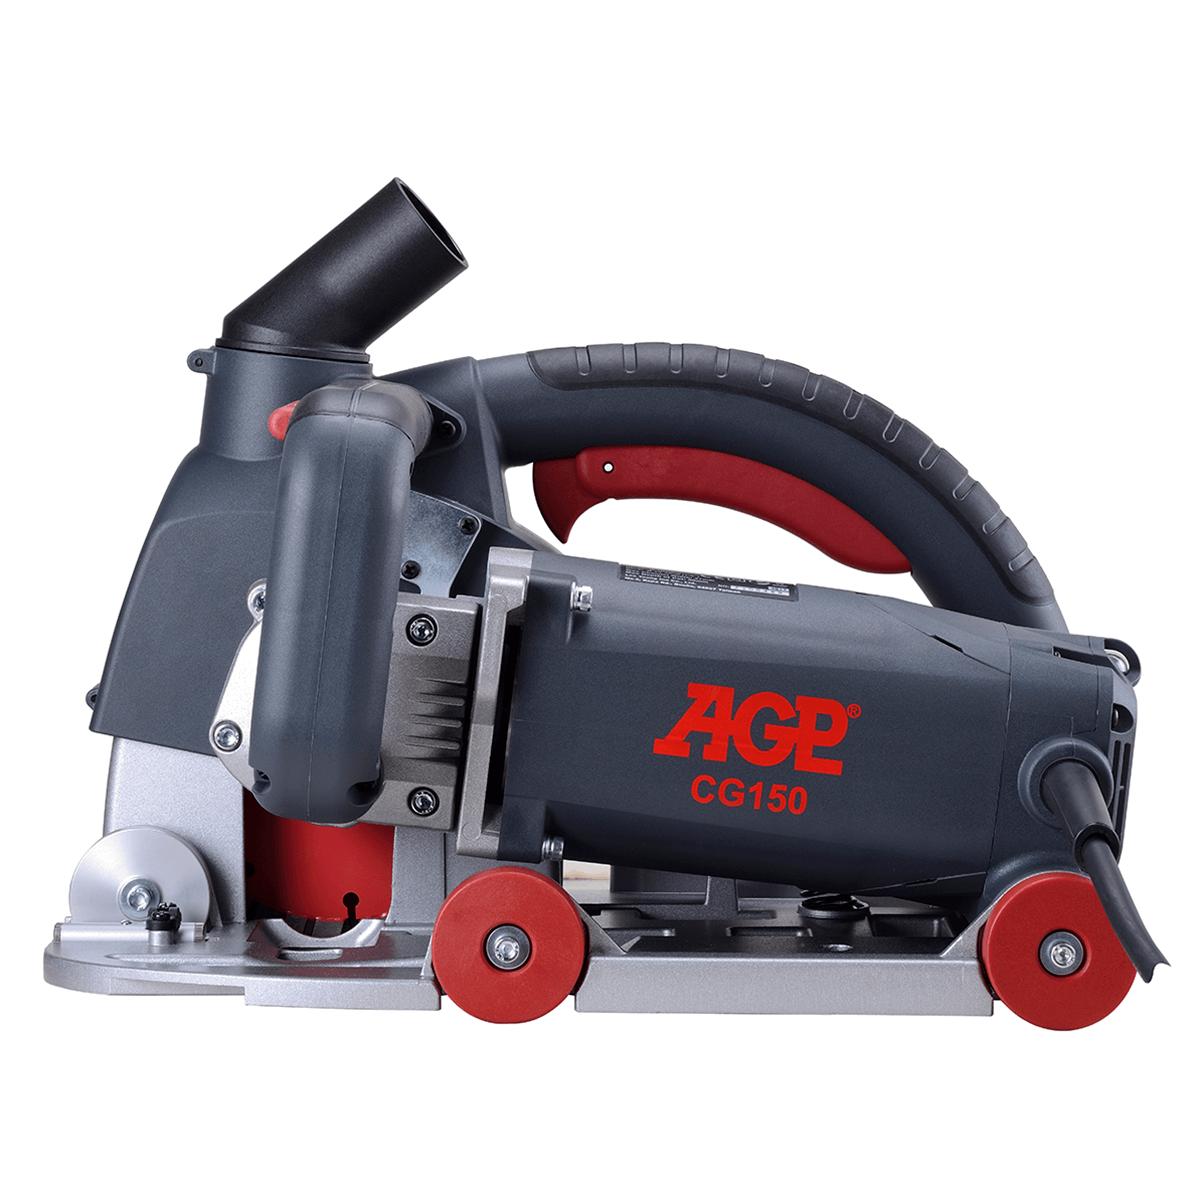 AGP Sleuvenfrees CG150